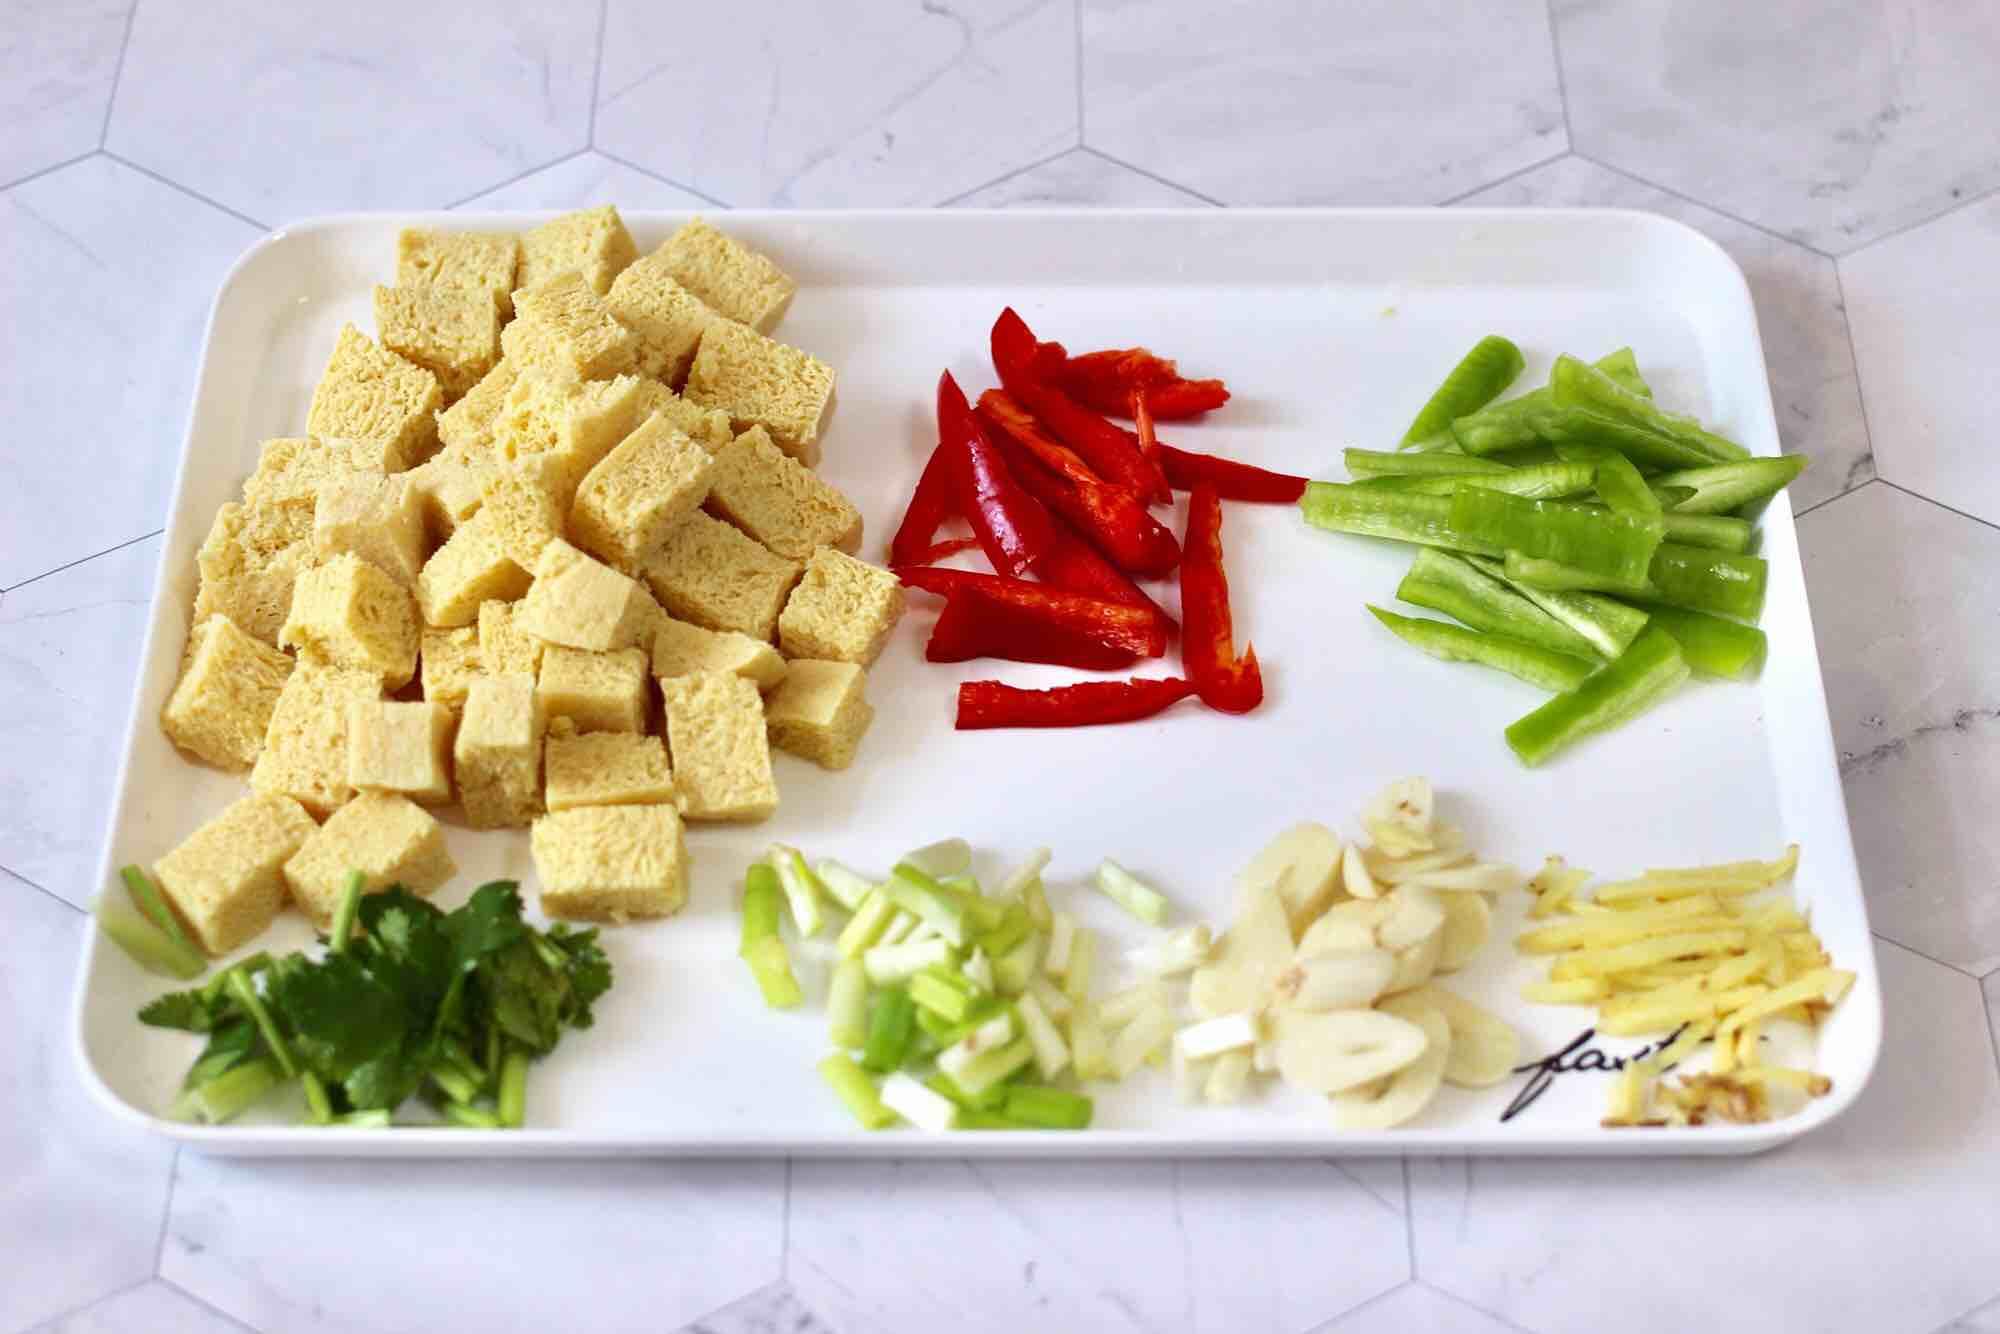 海杂鱼酱焖冻豆腐的做法图解